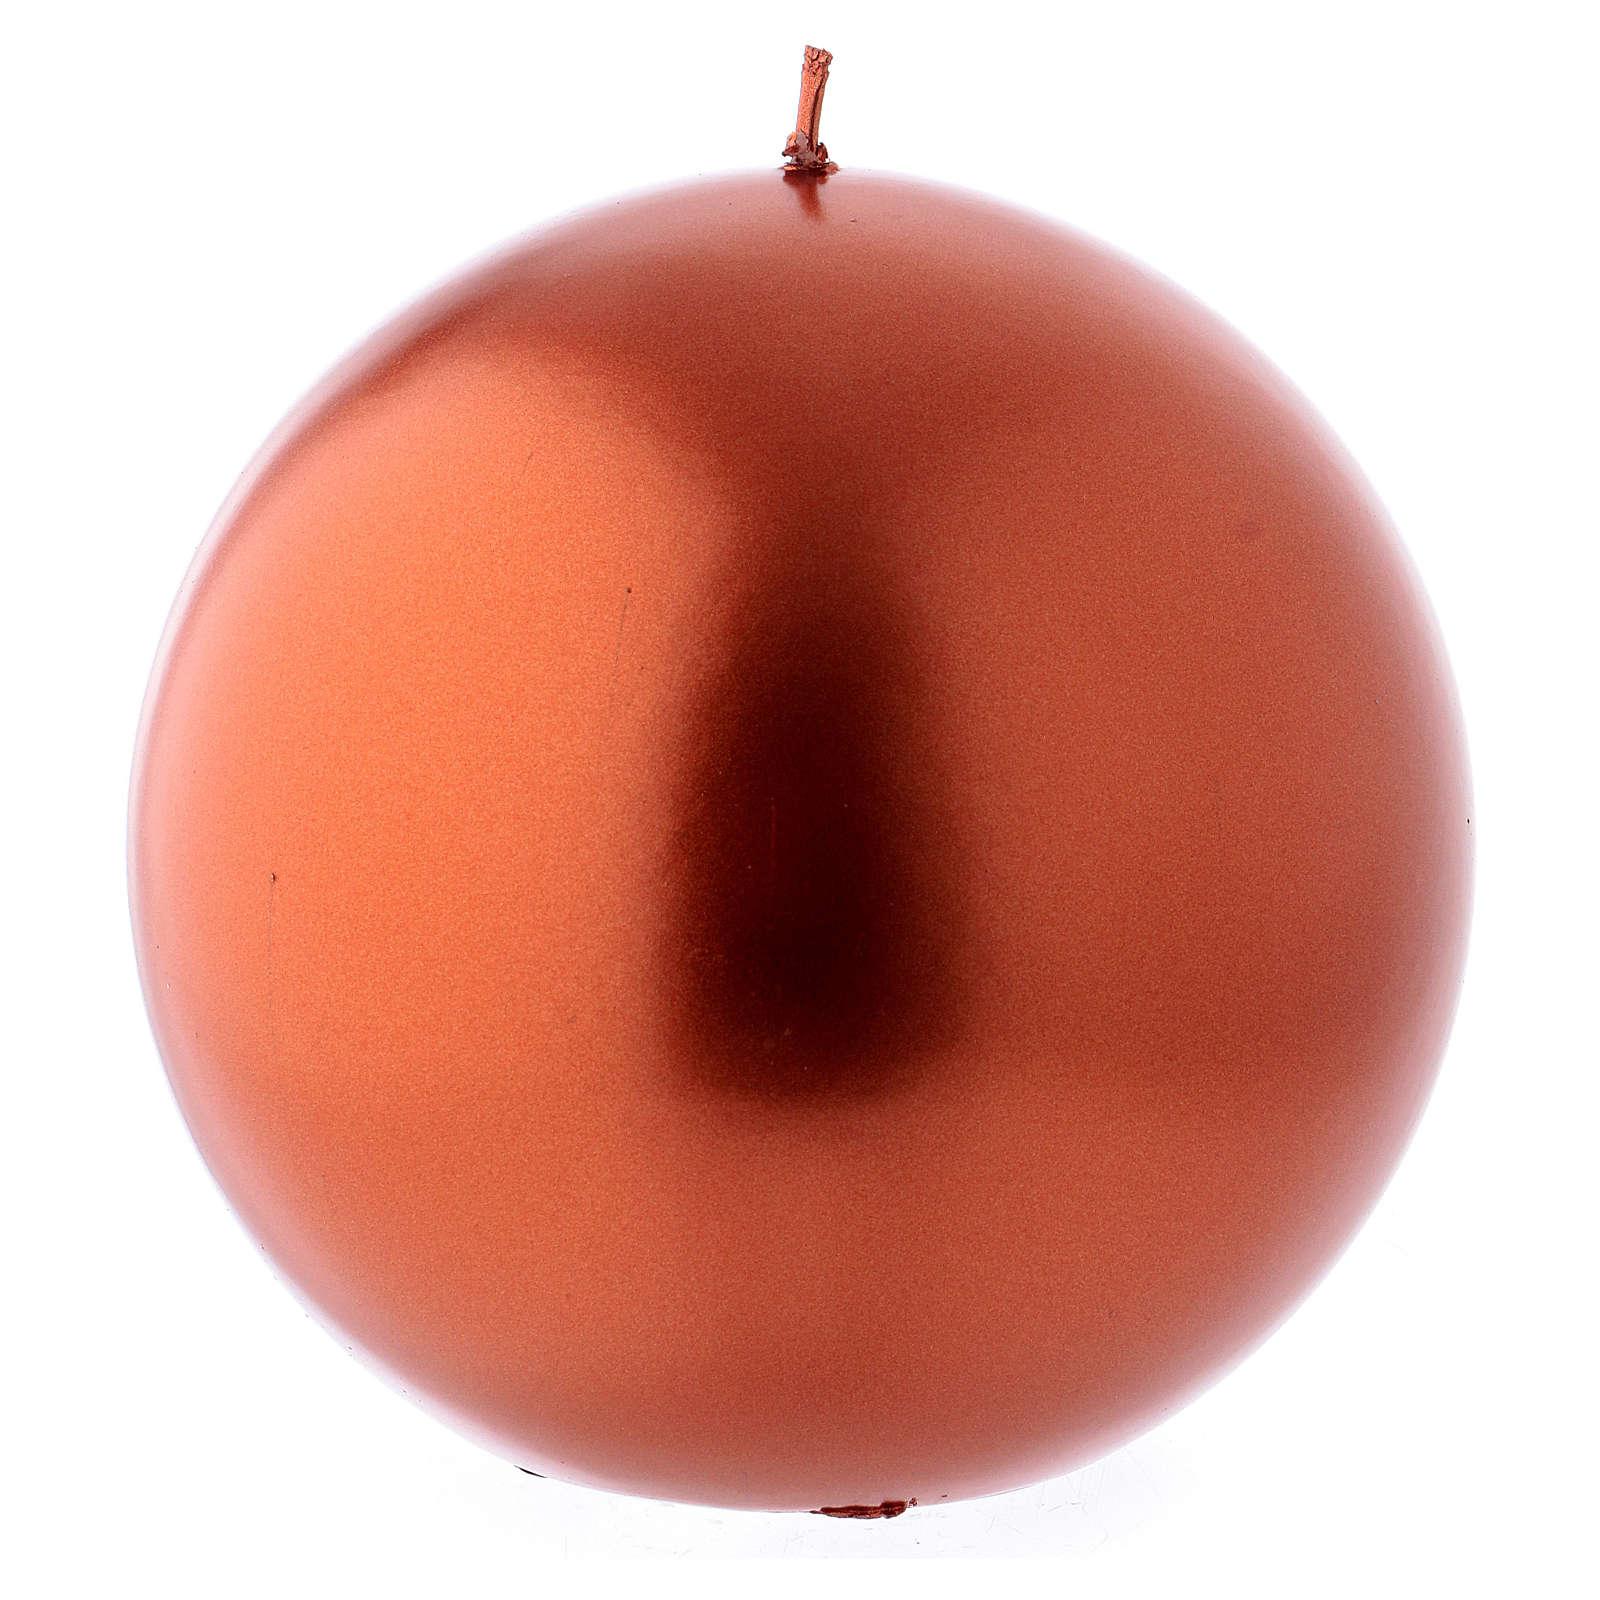 Bougie de Noël sphère couleur cuivre Ceralacca diam. 15 cm 3